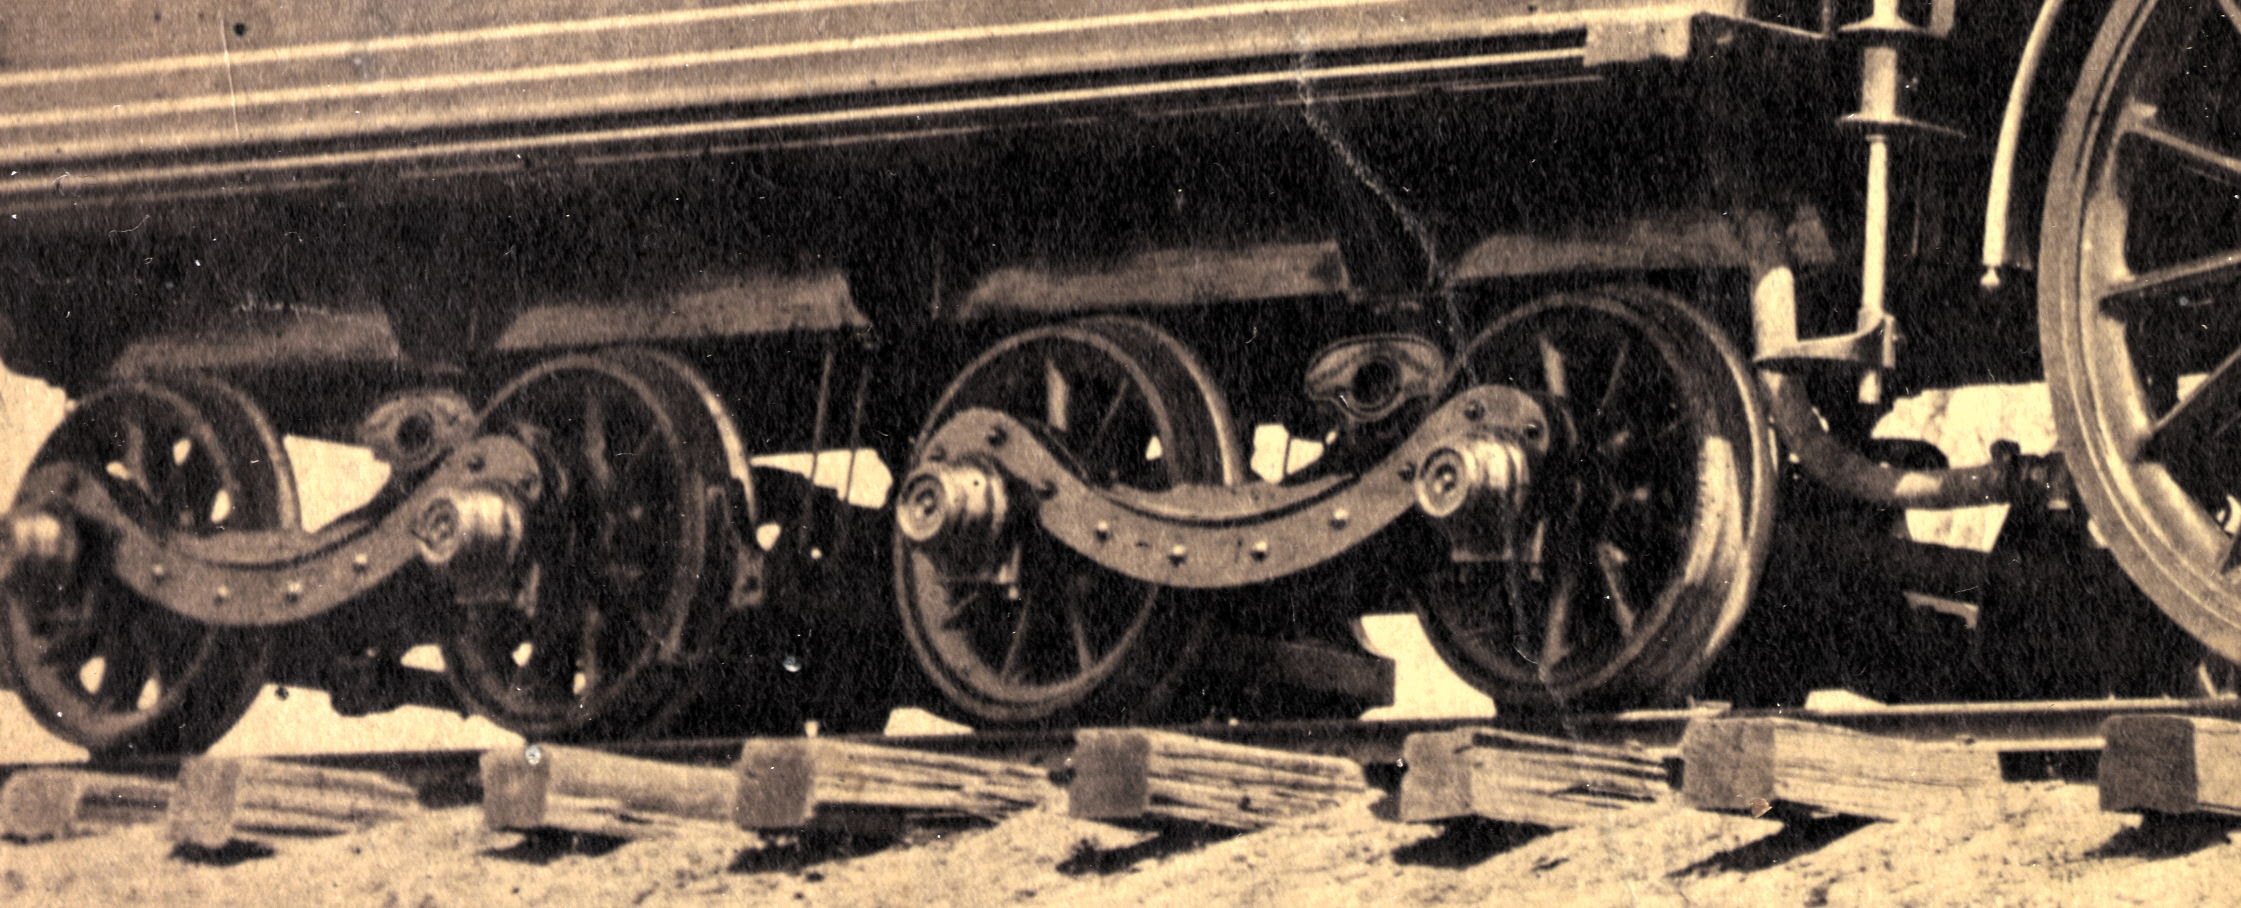 Antelope's tender trucks, detail